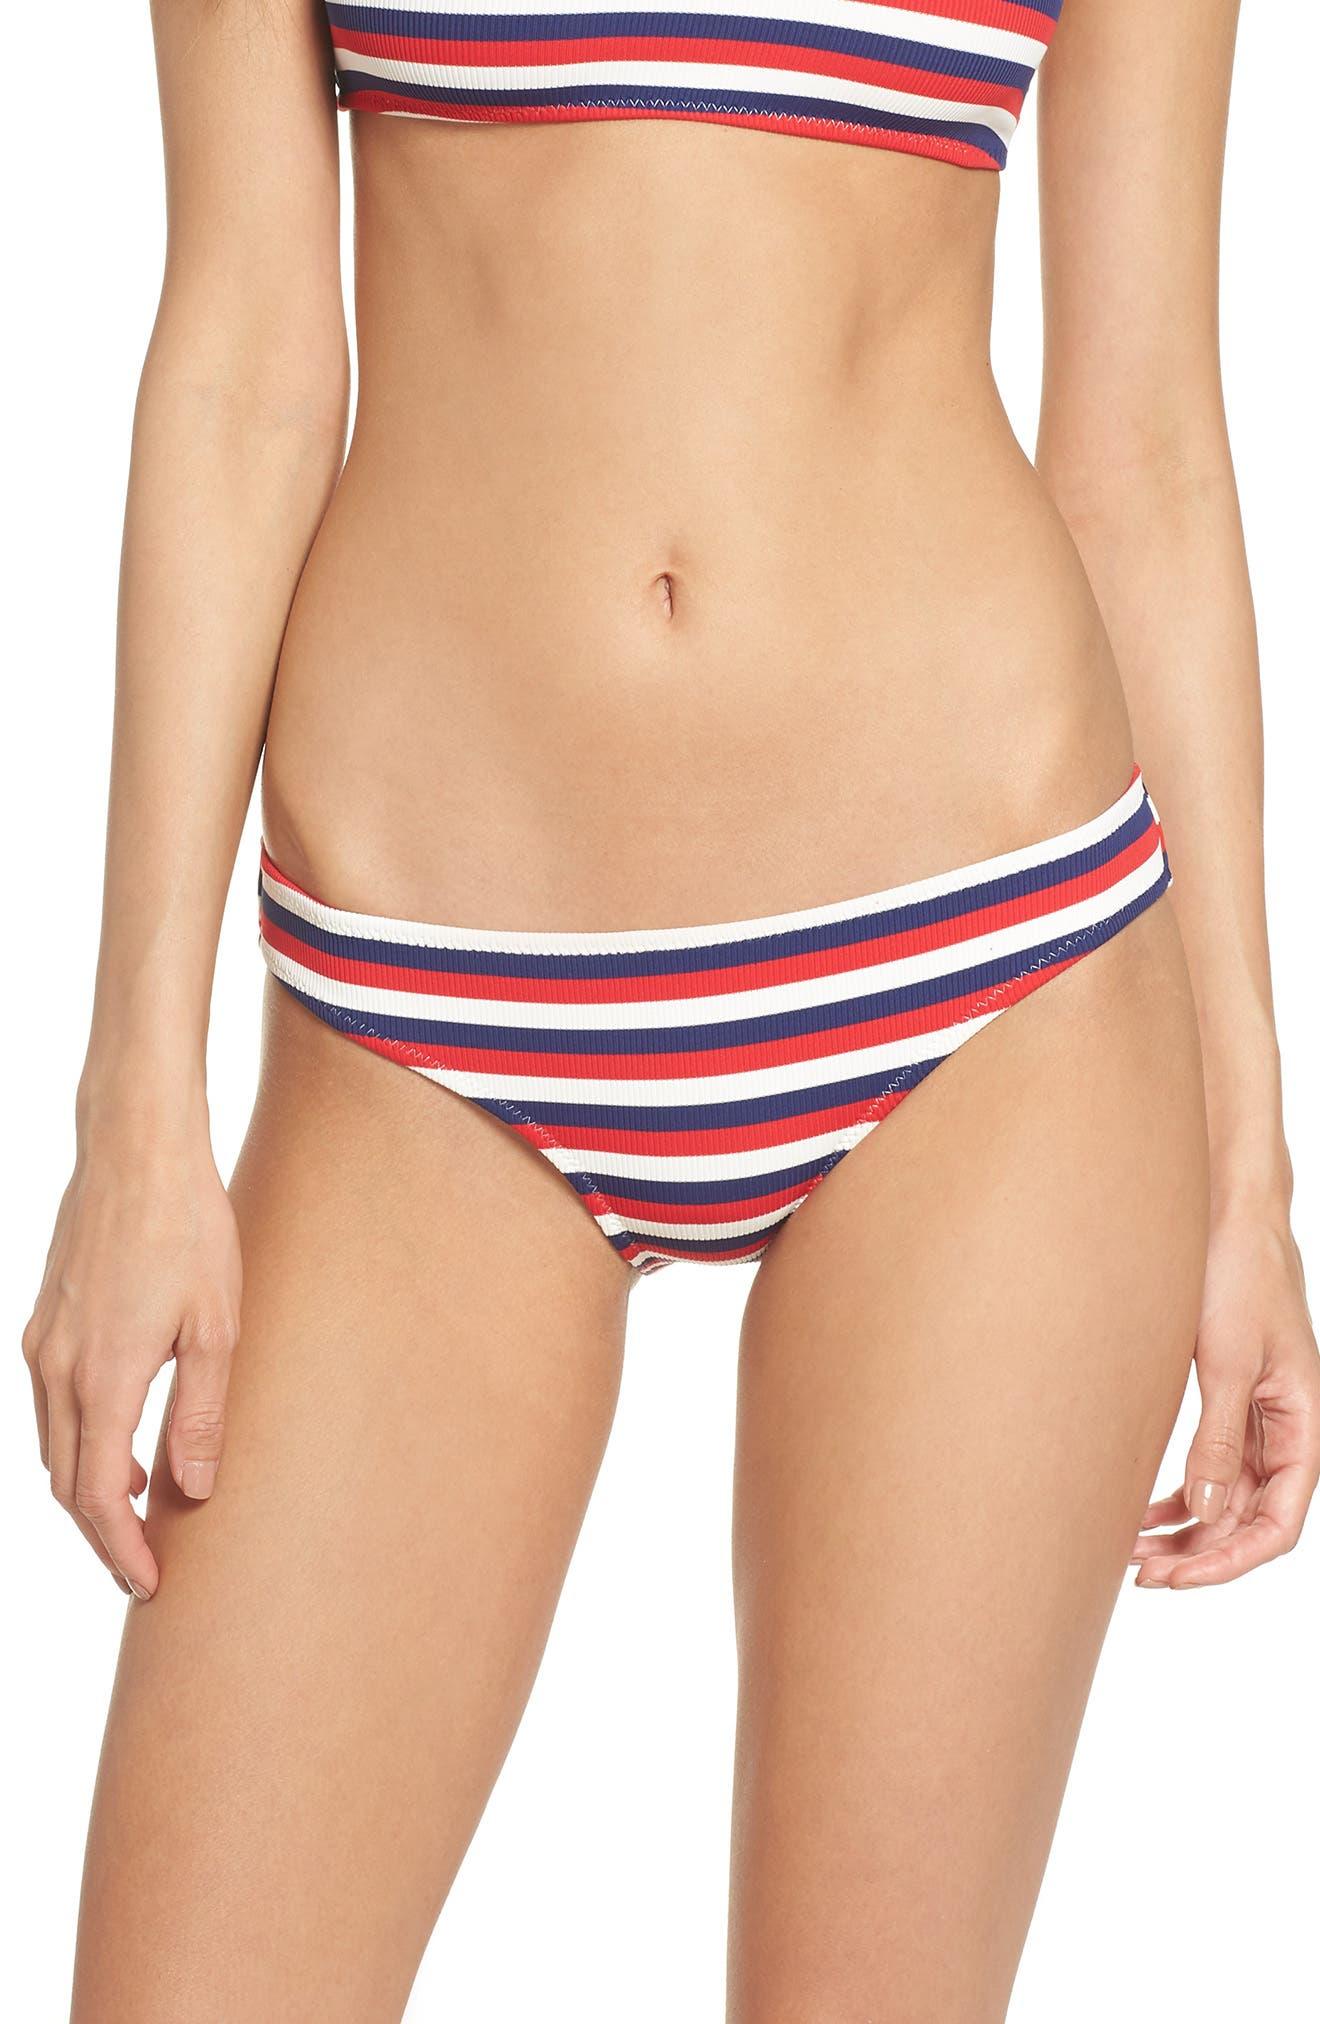 Elle Bikini Bottoms,                         Main,                         color, American Rib